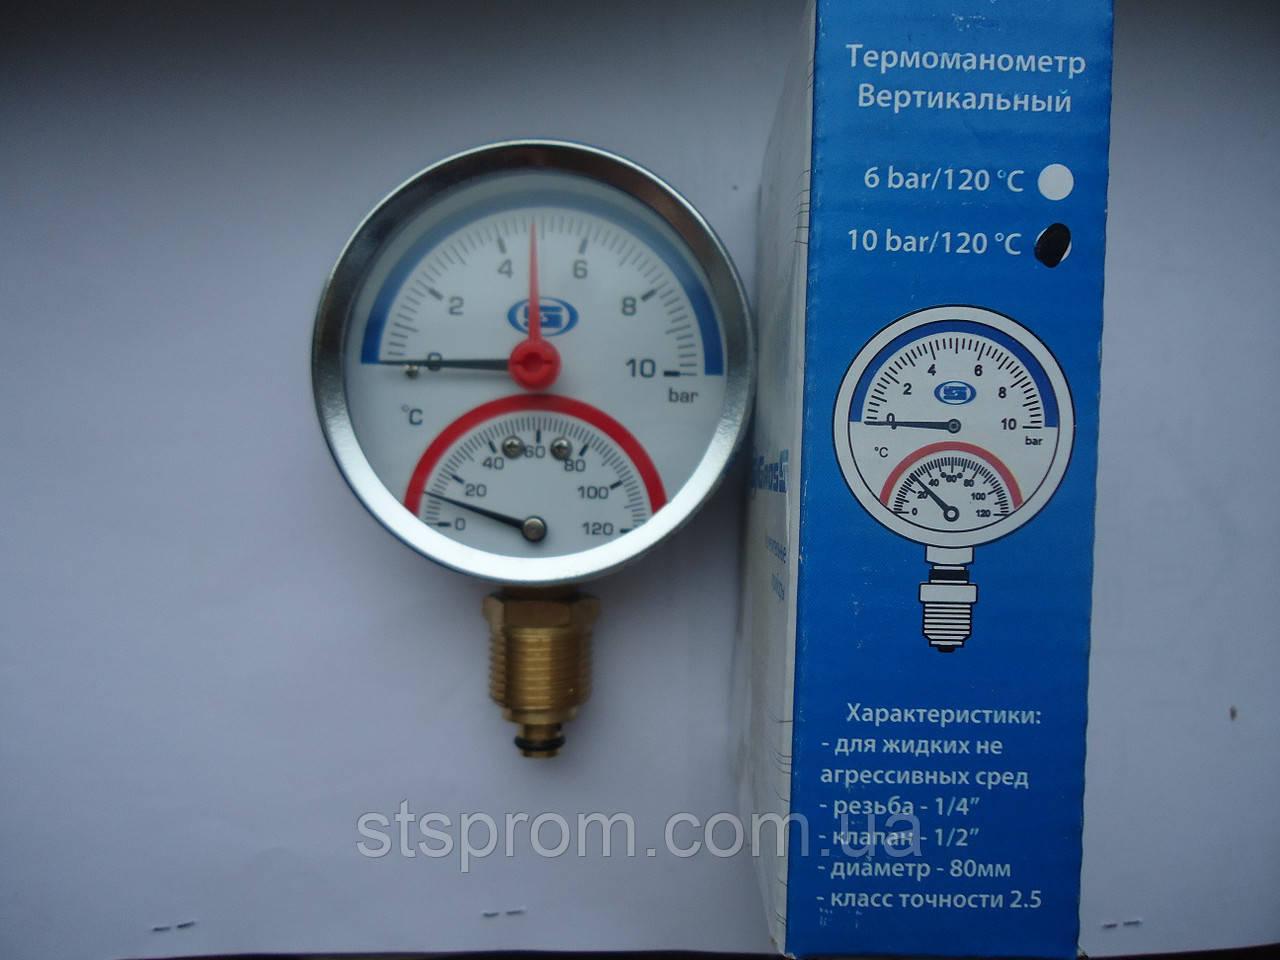 """Термоманометр вертикальный 1/4"""" с клапаном 1/2"""" (120 C) (10.0 Bar) Гросс Gross"""